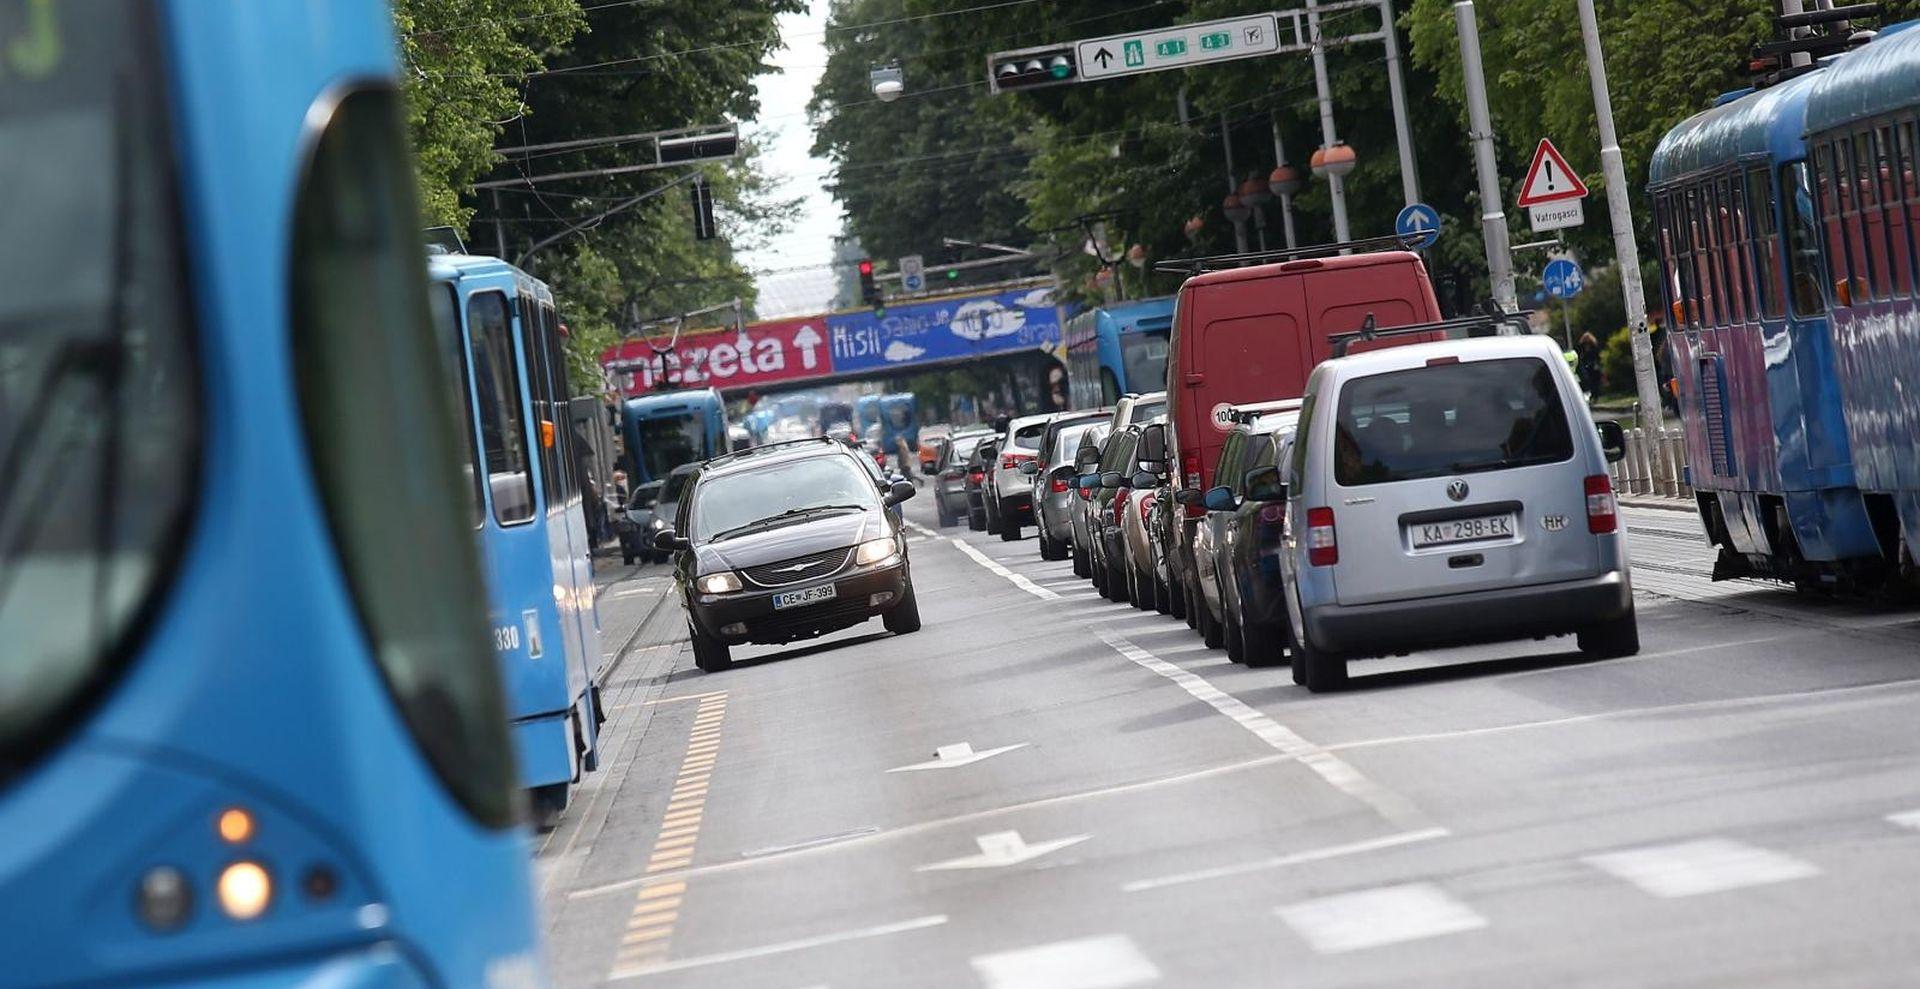 Prometna u Savskoj, jedna osoba ozlijeđena, tramvajski promet u zastoju